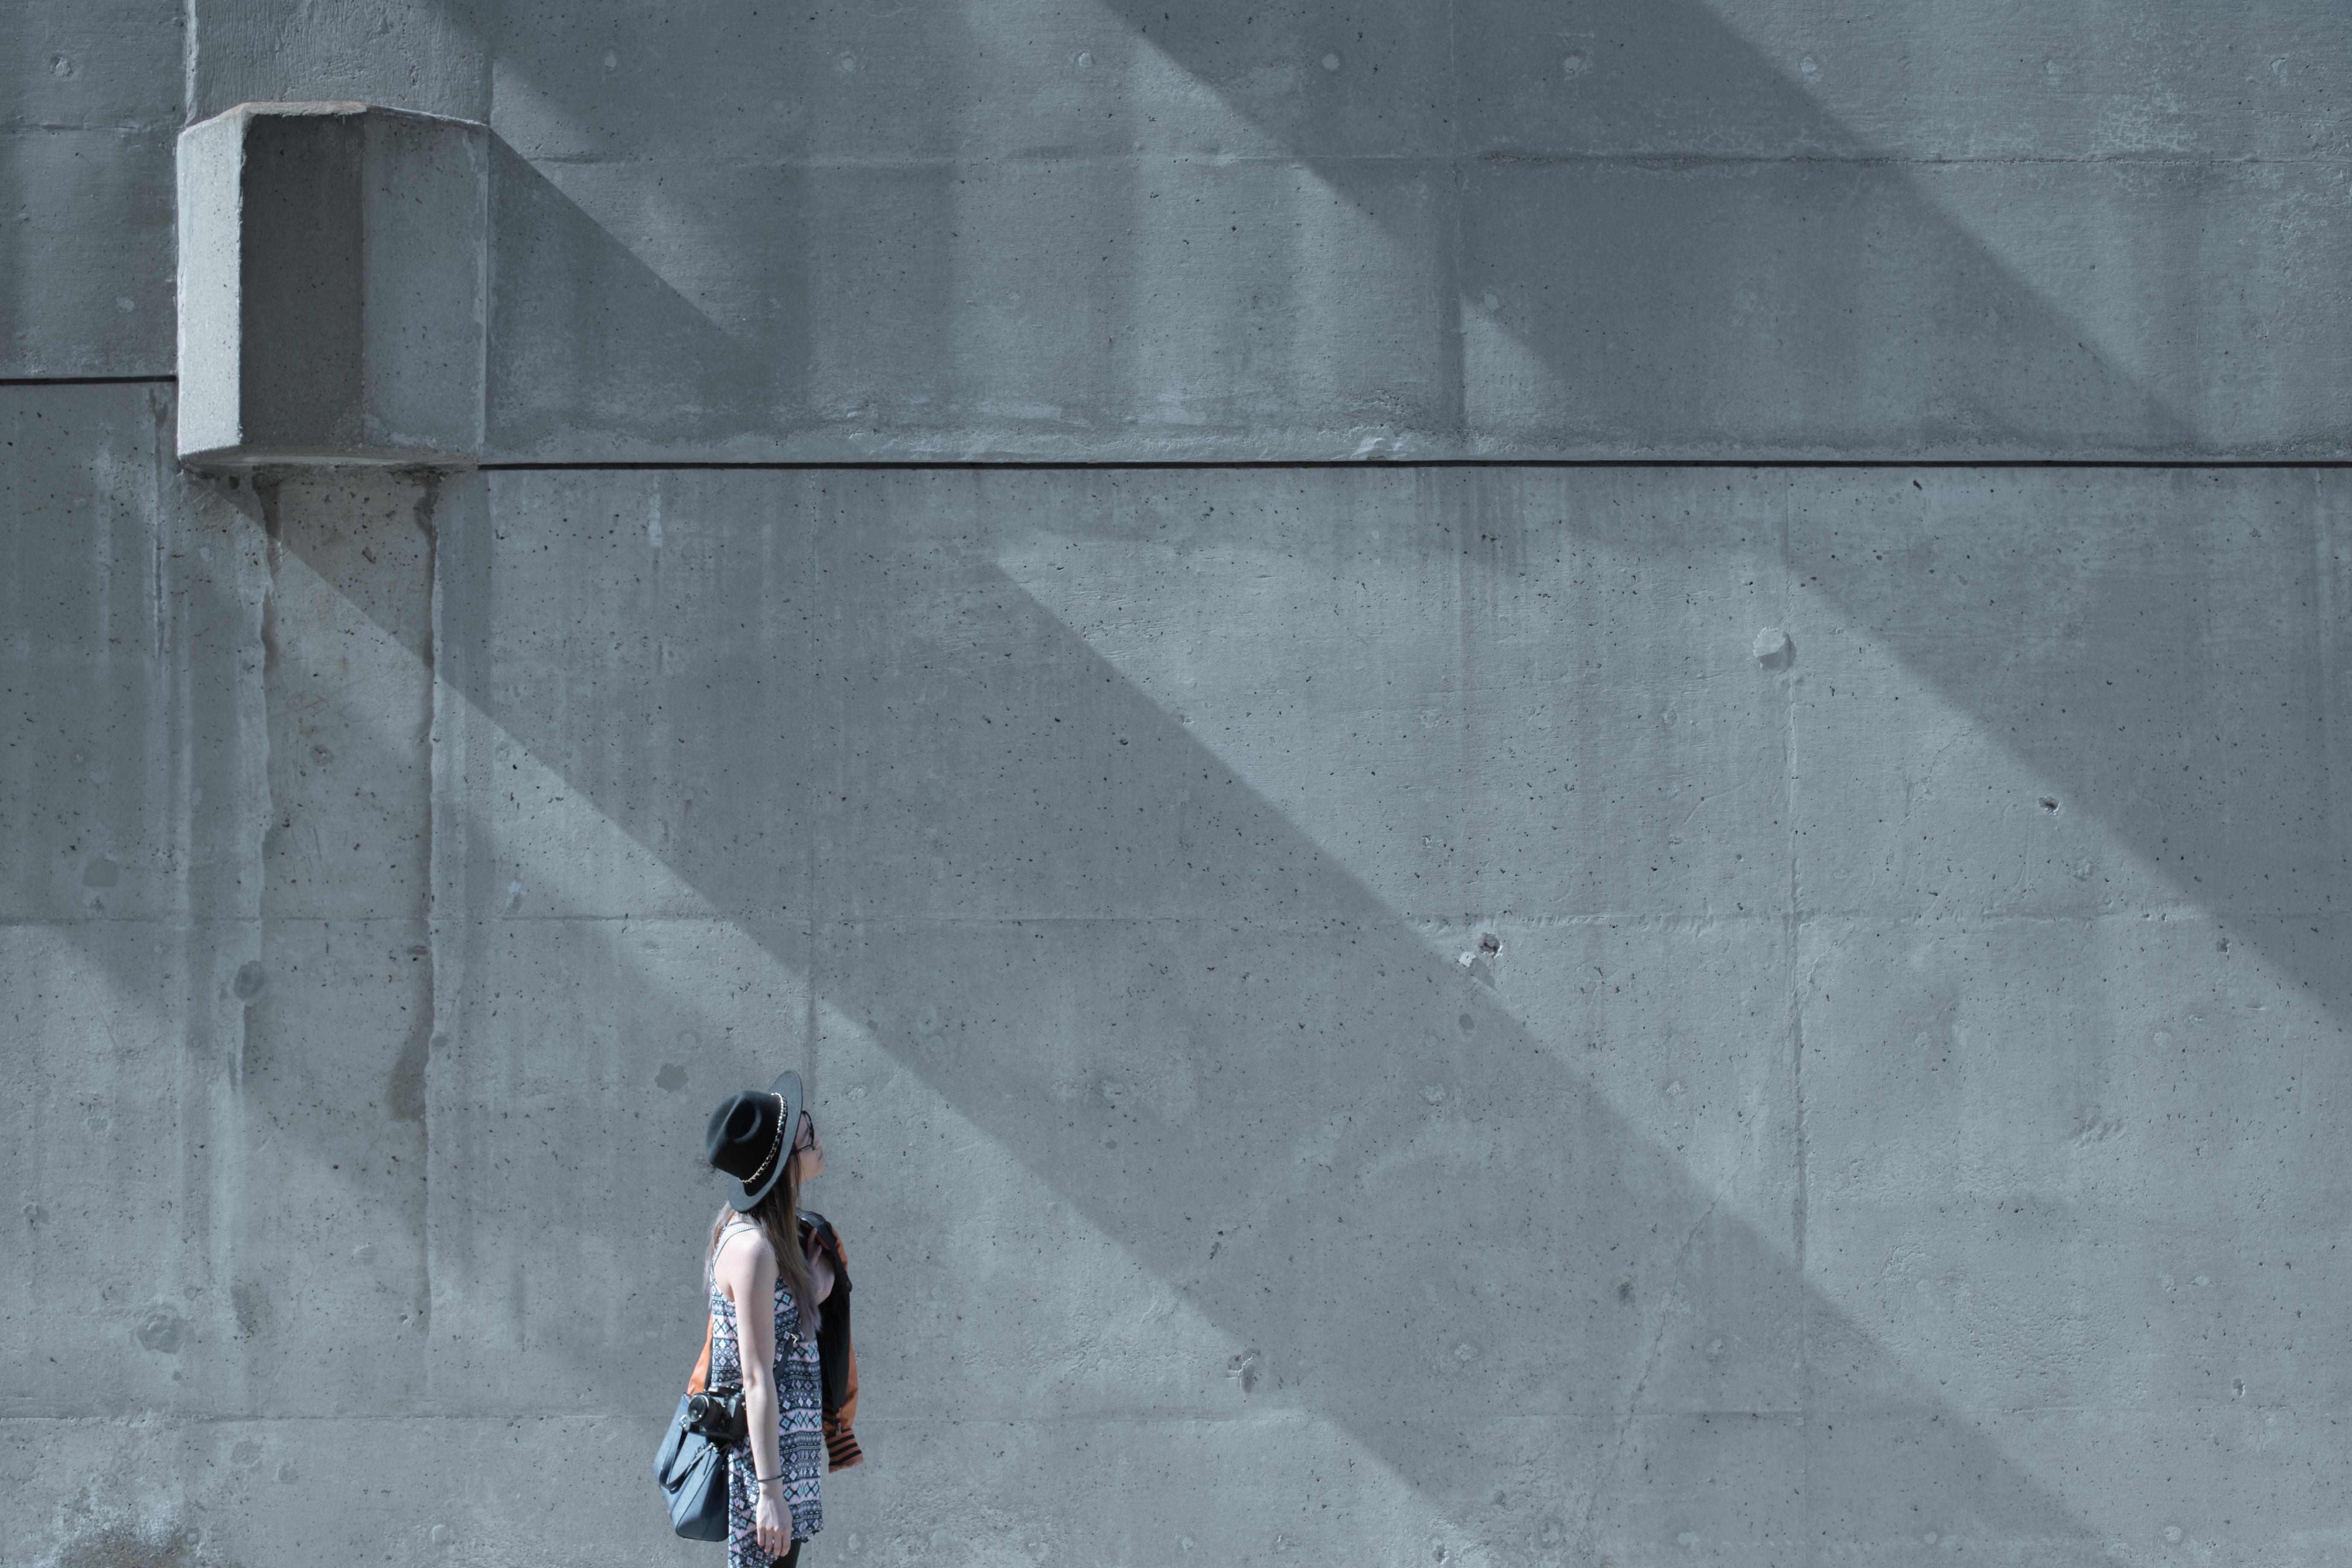 お客さんを動かすために超えなければいけない必要な3つの壁